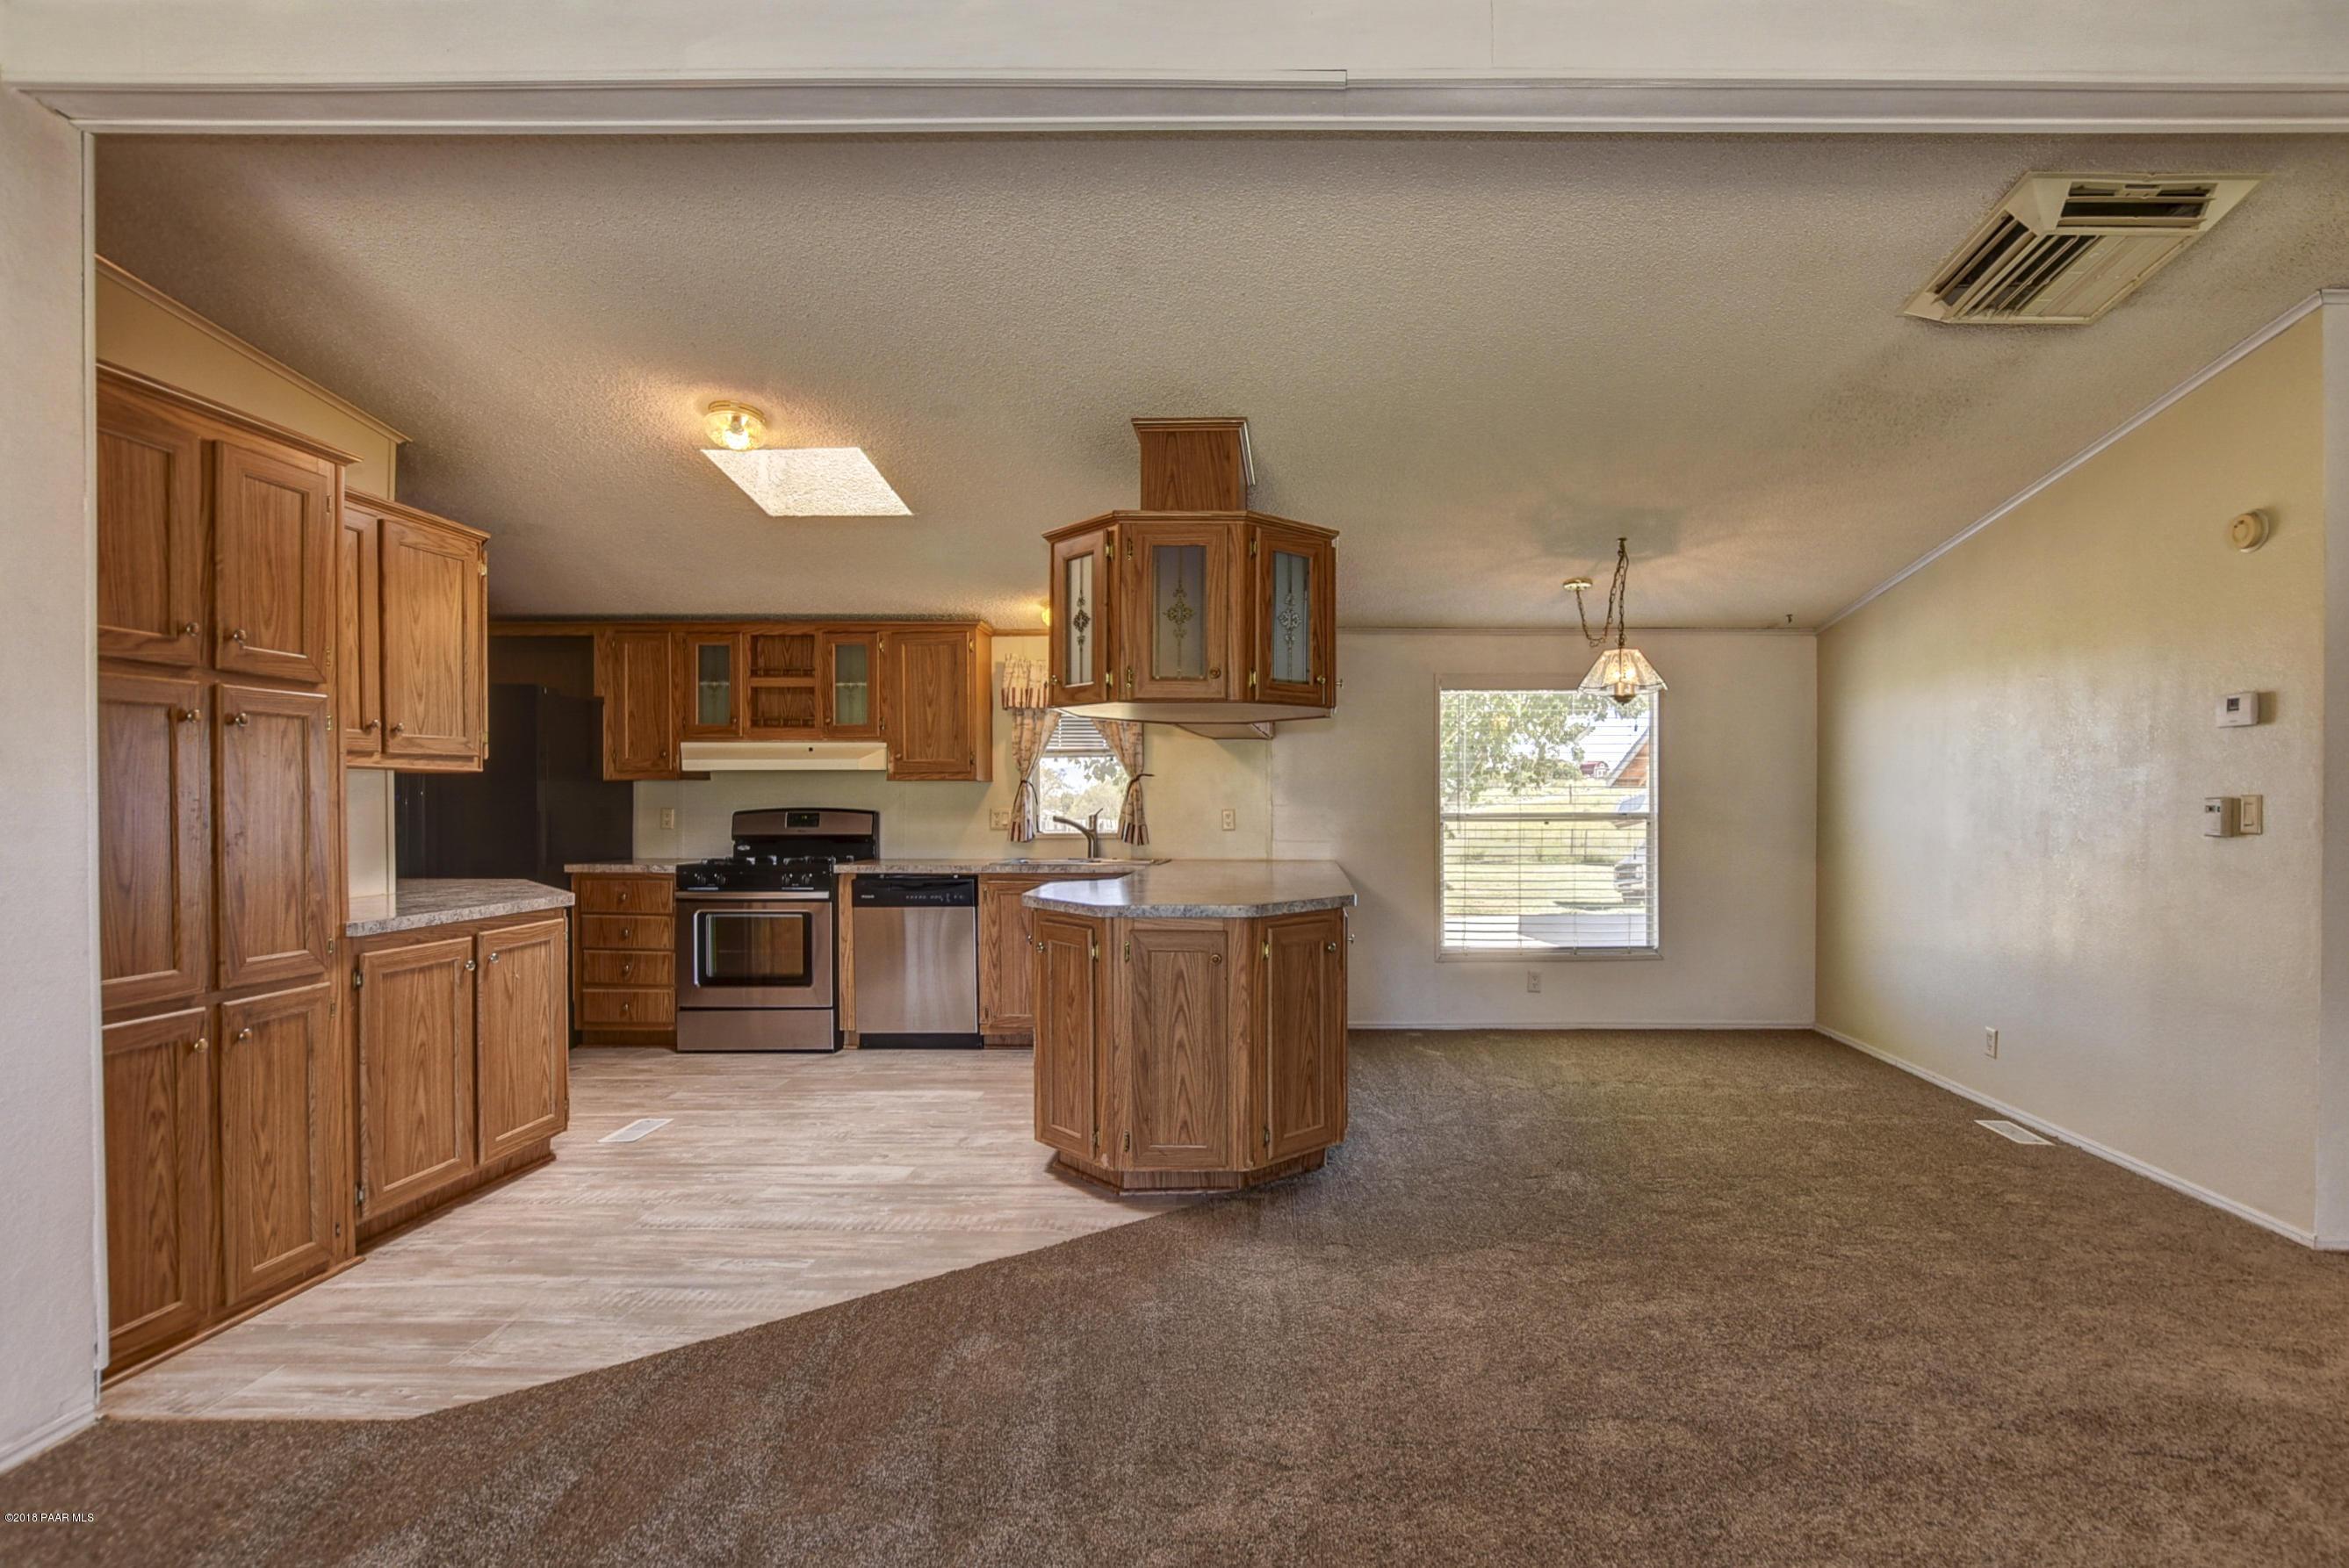 2325 N Hohokam Drive Chino Valley, AZ 86323 - MLS #: 1015405